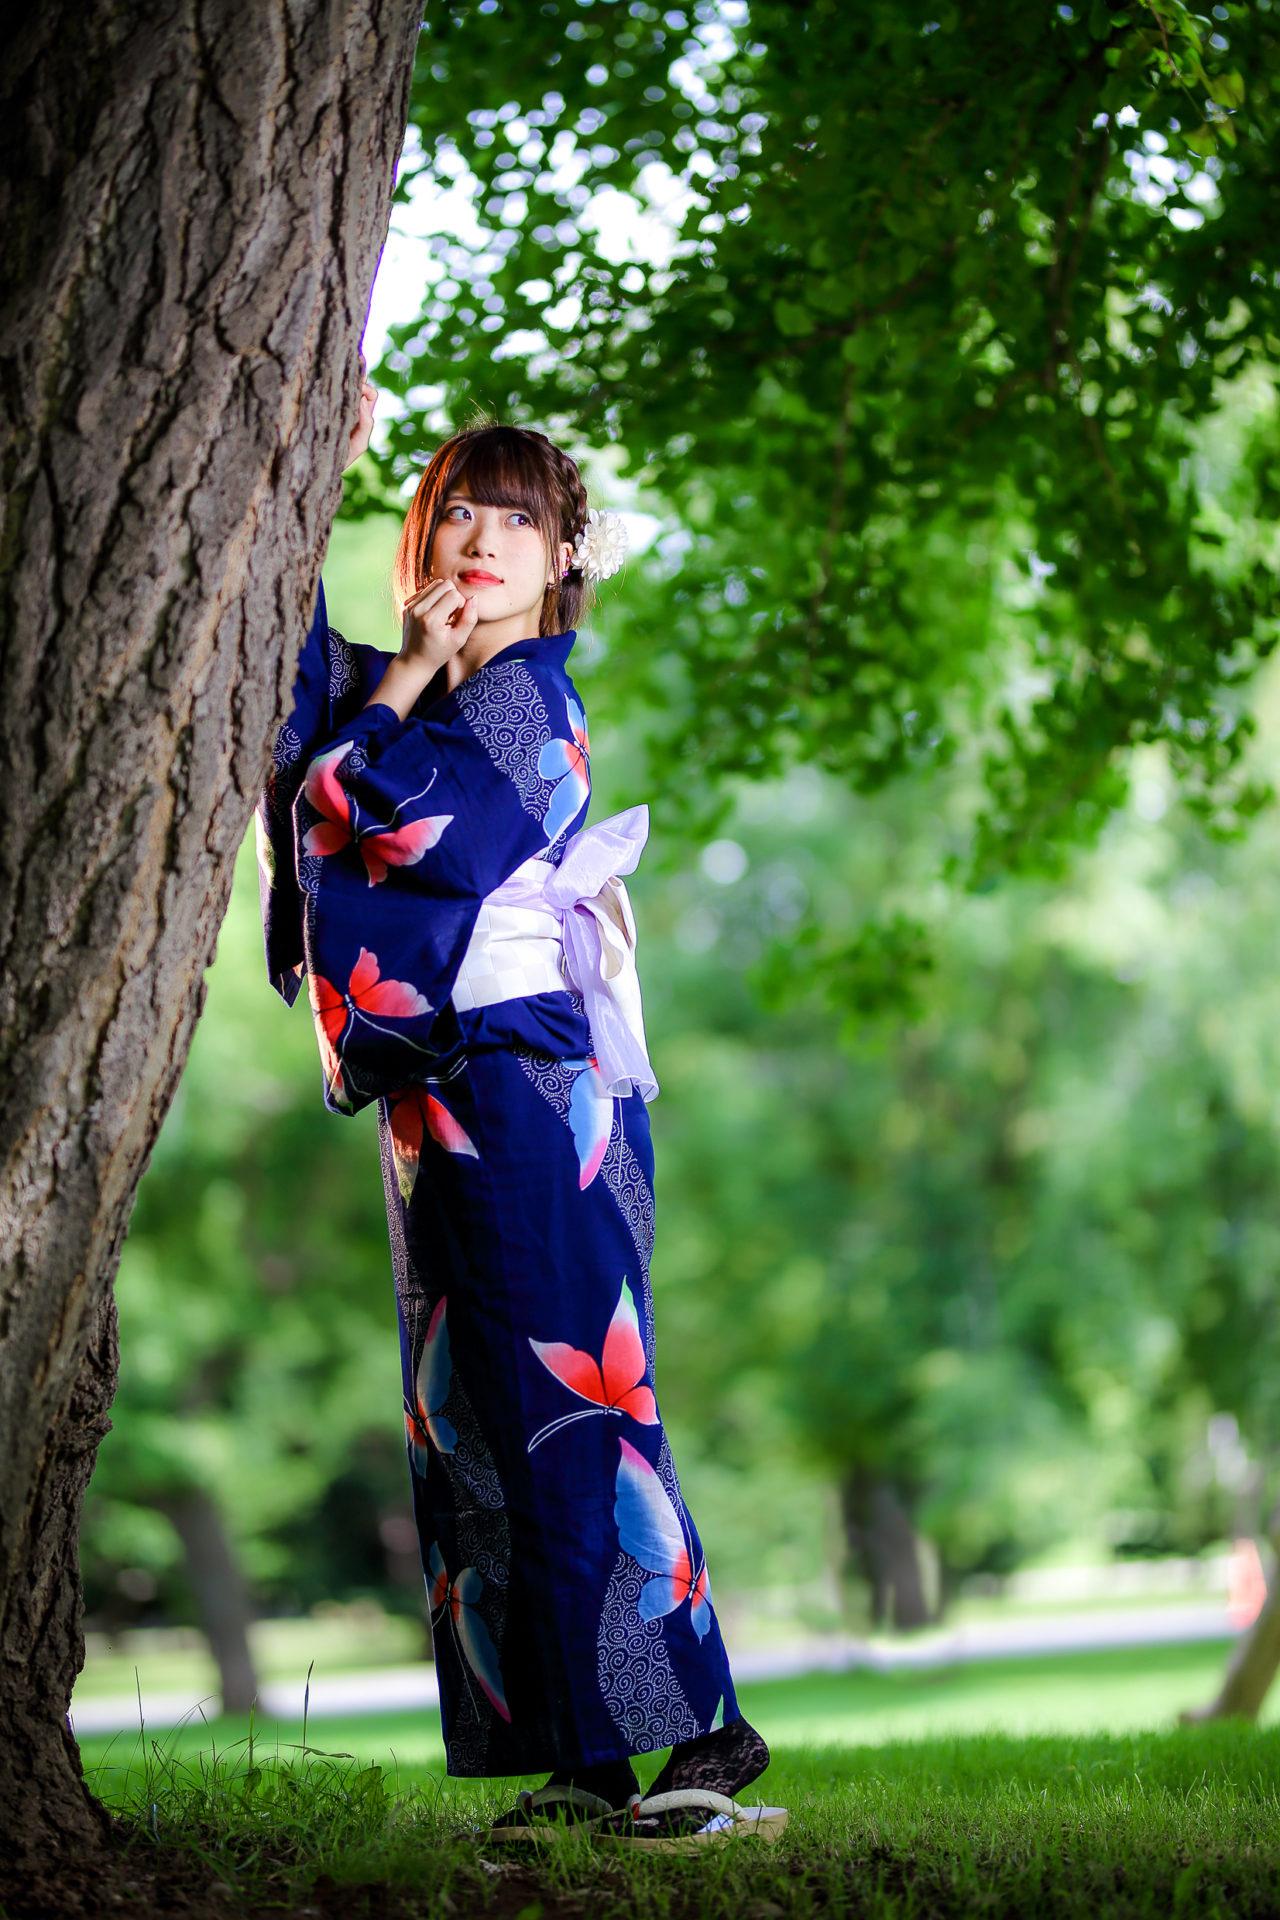 フルーティー♡ さい ( 北出彩 ) | モデルプロ浴衣撮影会